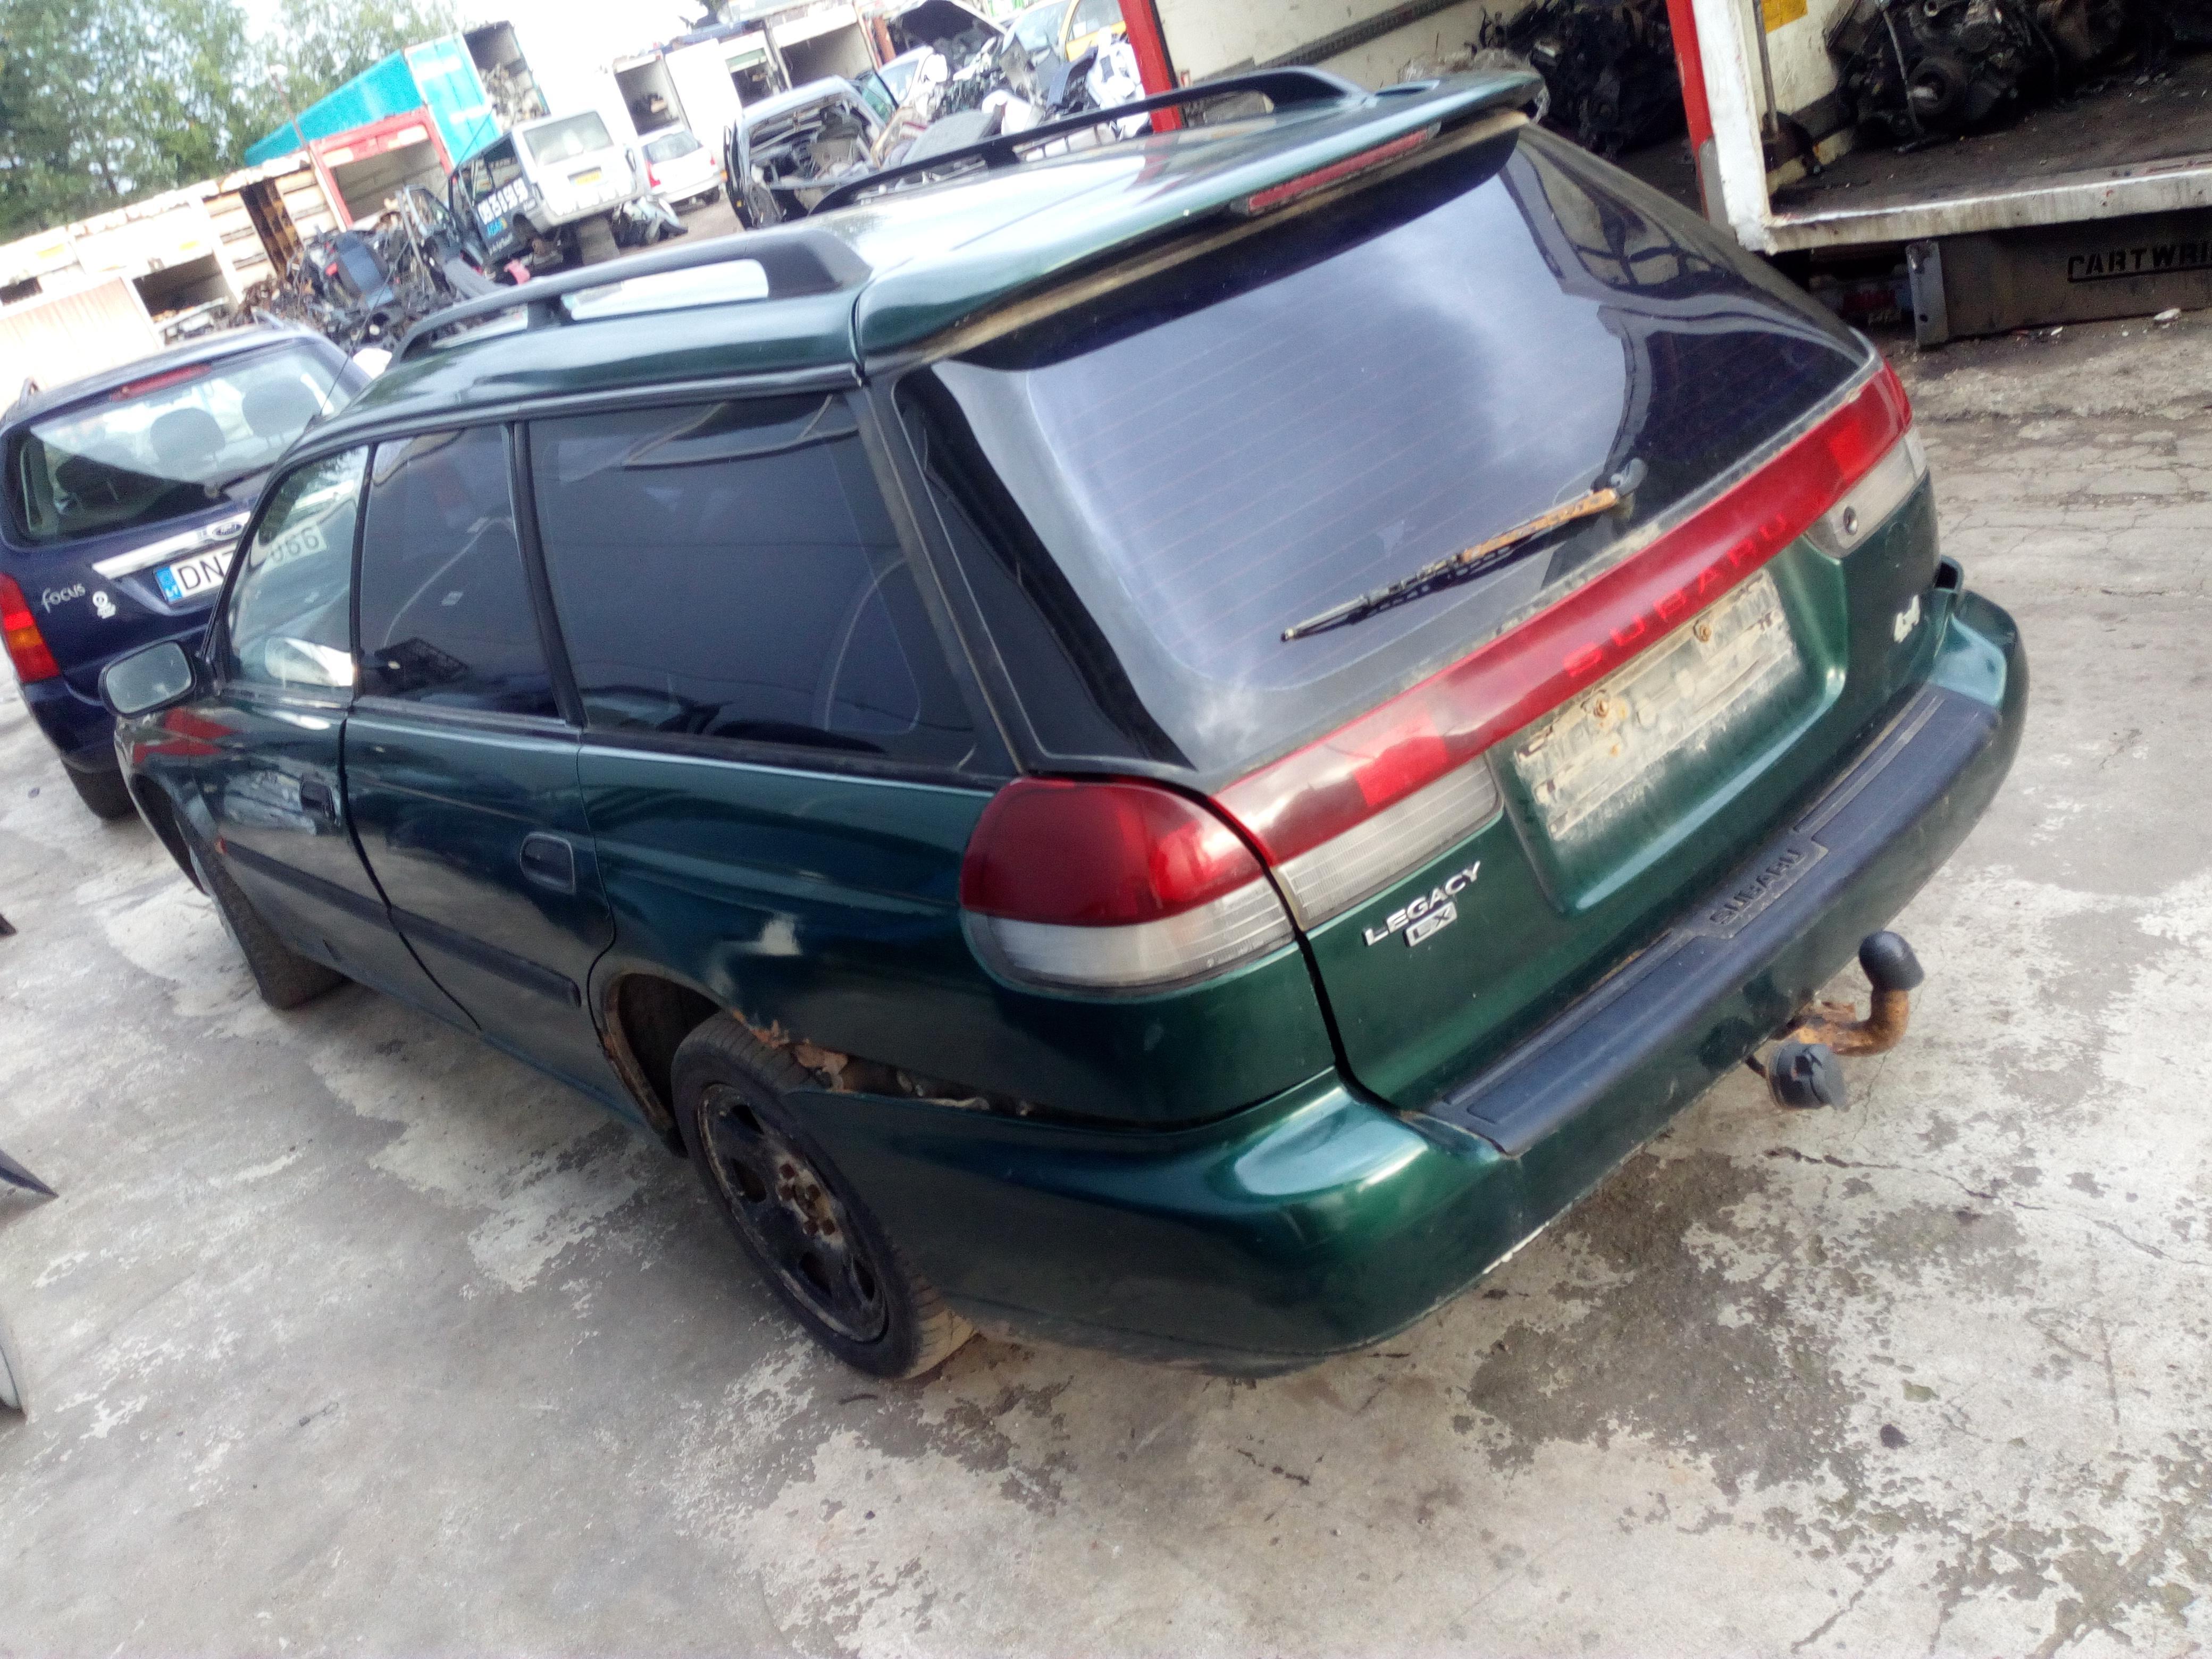 Подержанные Автозапчасти Foto 5 Subaru LEGACY 1995 2.0 машиностроение универсал 4/5 d. зеленый 2017-9-15 A3453